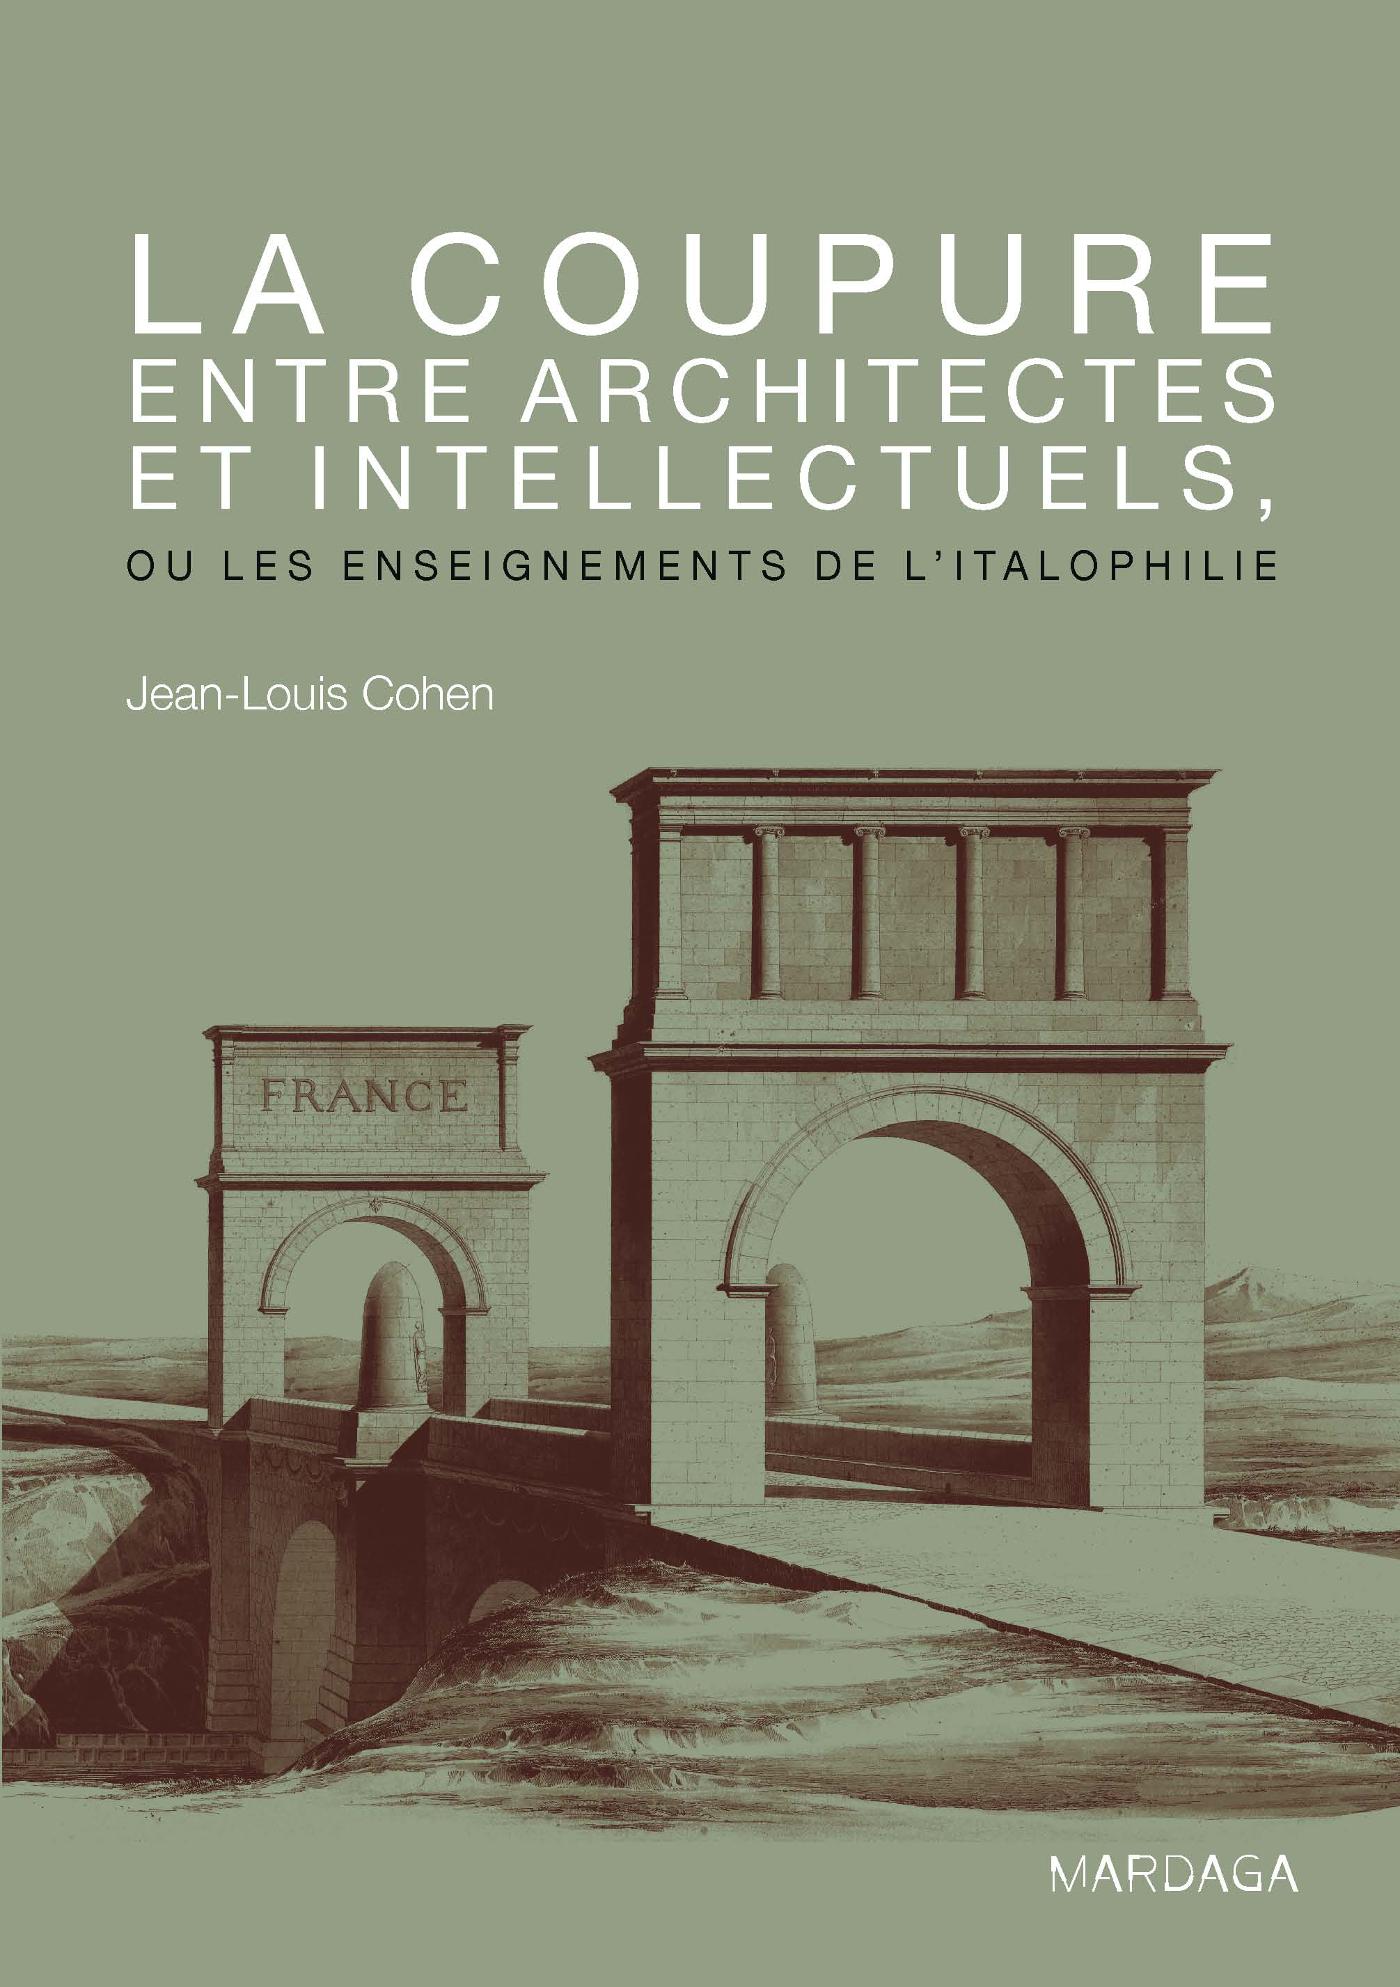 COUPURE ENTRE ARCHITECTES ET INTELLECTUELS